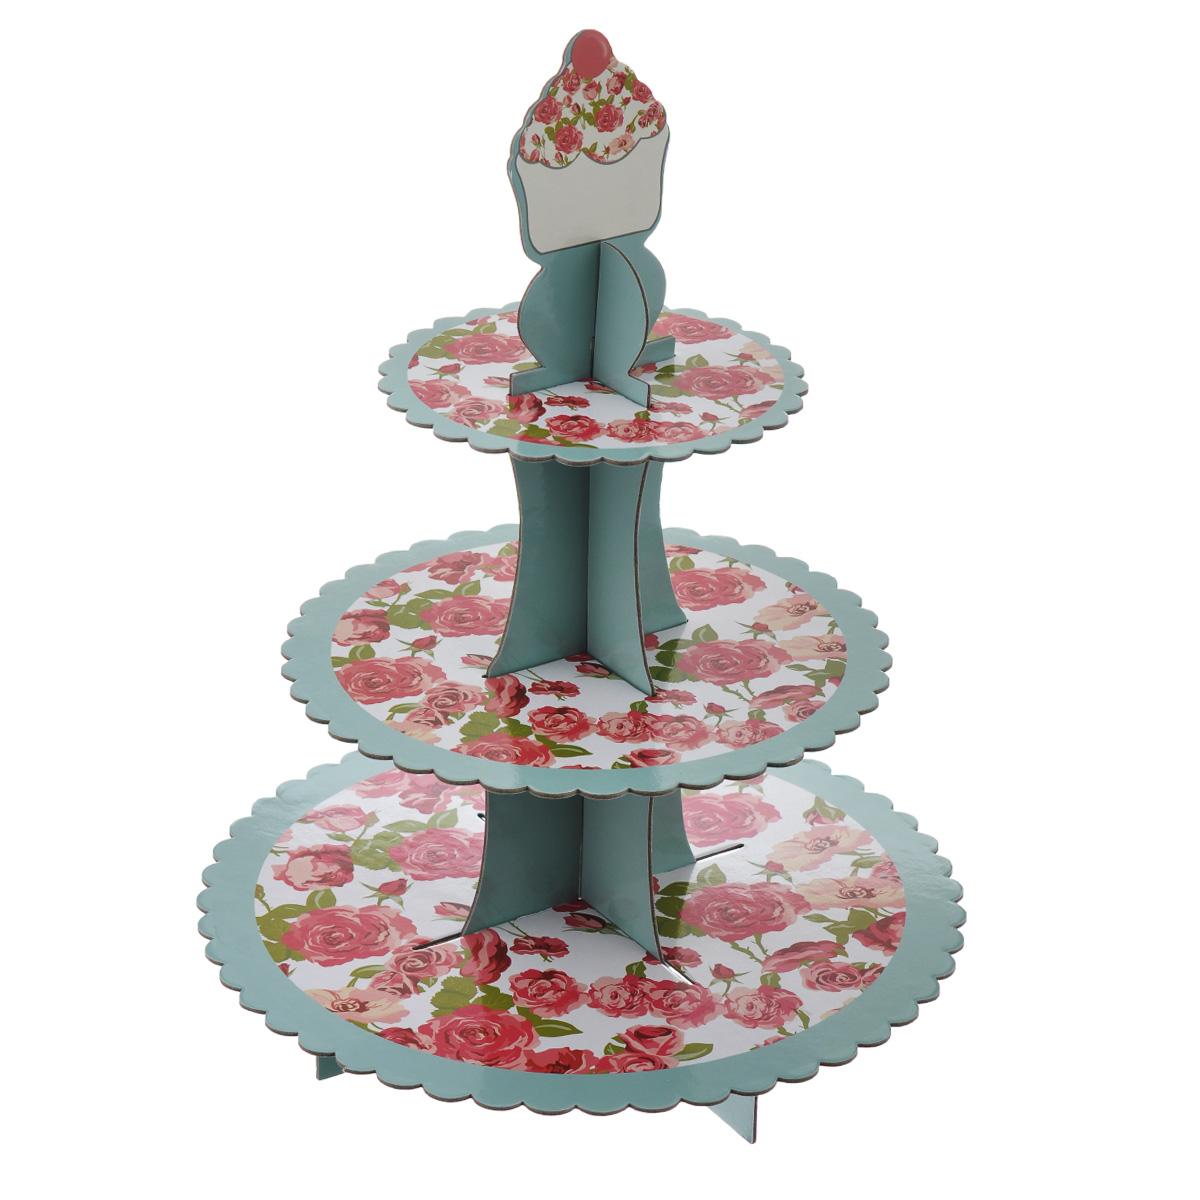 Подставка под маффины Dolce Arti, высота 40 см115510Трехъярусная подставка под маффины Dolce Arti изготовлена из плотного картона и оформлена принтом с изображением красных роз. Блюда круглые, с рельефом по краю. Подставка поставляется в разобранном виде, она легко собирается - в собранном виде выглядит оригинально и красиво. Такая подставка идеально подходит для красивой подачи пирожных, маффинов, кексов и другой выпечки. Диаметр блюд: 23,5 см, 29 см, 33 см. Высота (в собранном виде): 40 см.